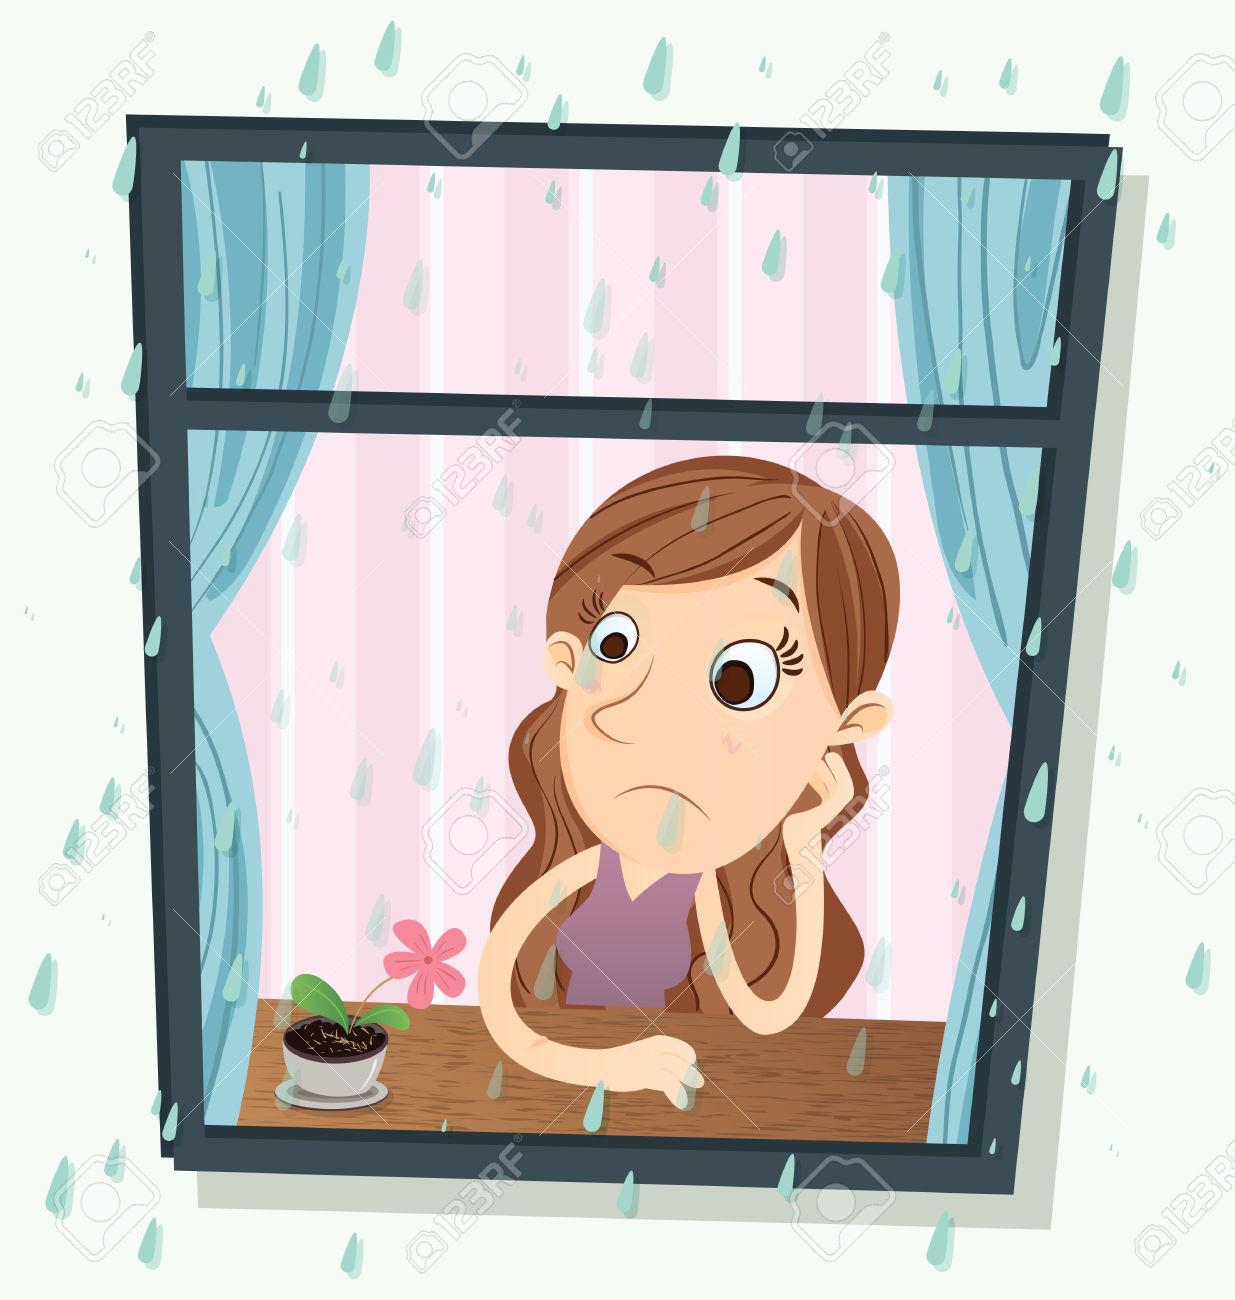 Rain On Window Clipart.